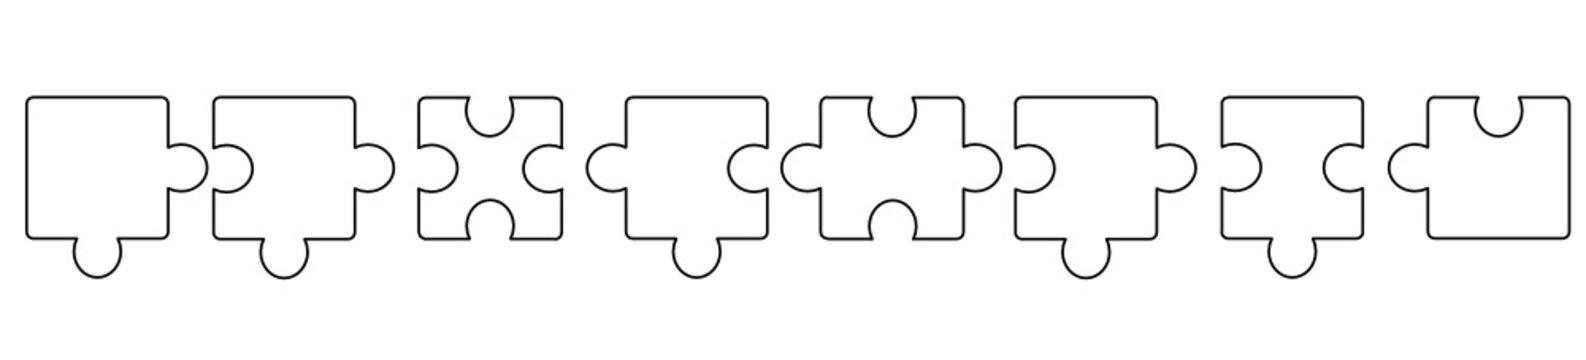 puzzle band banner hintergrund weiß leer